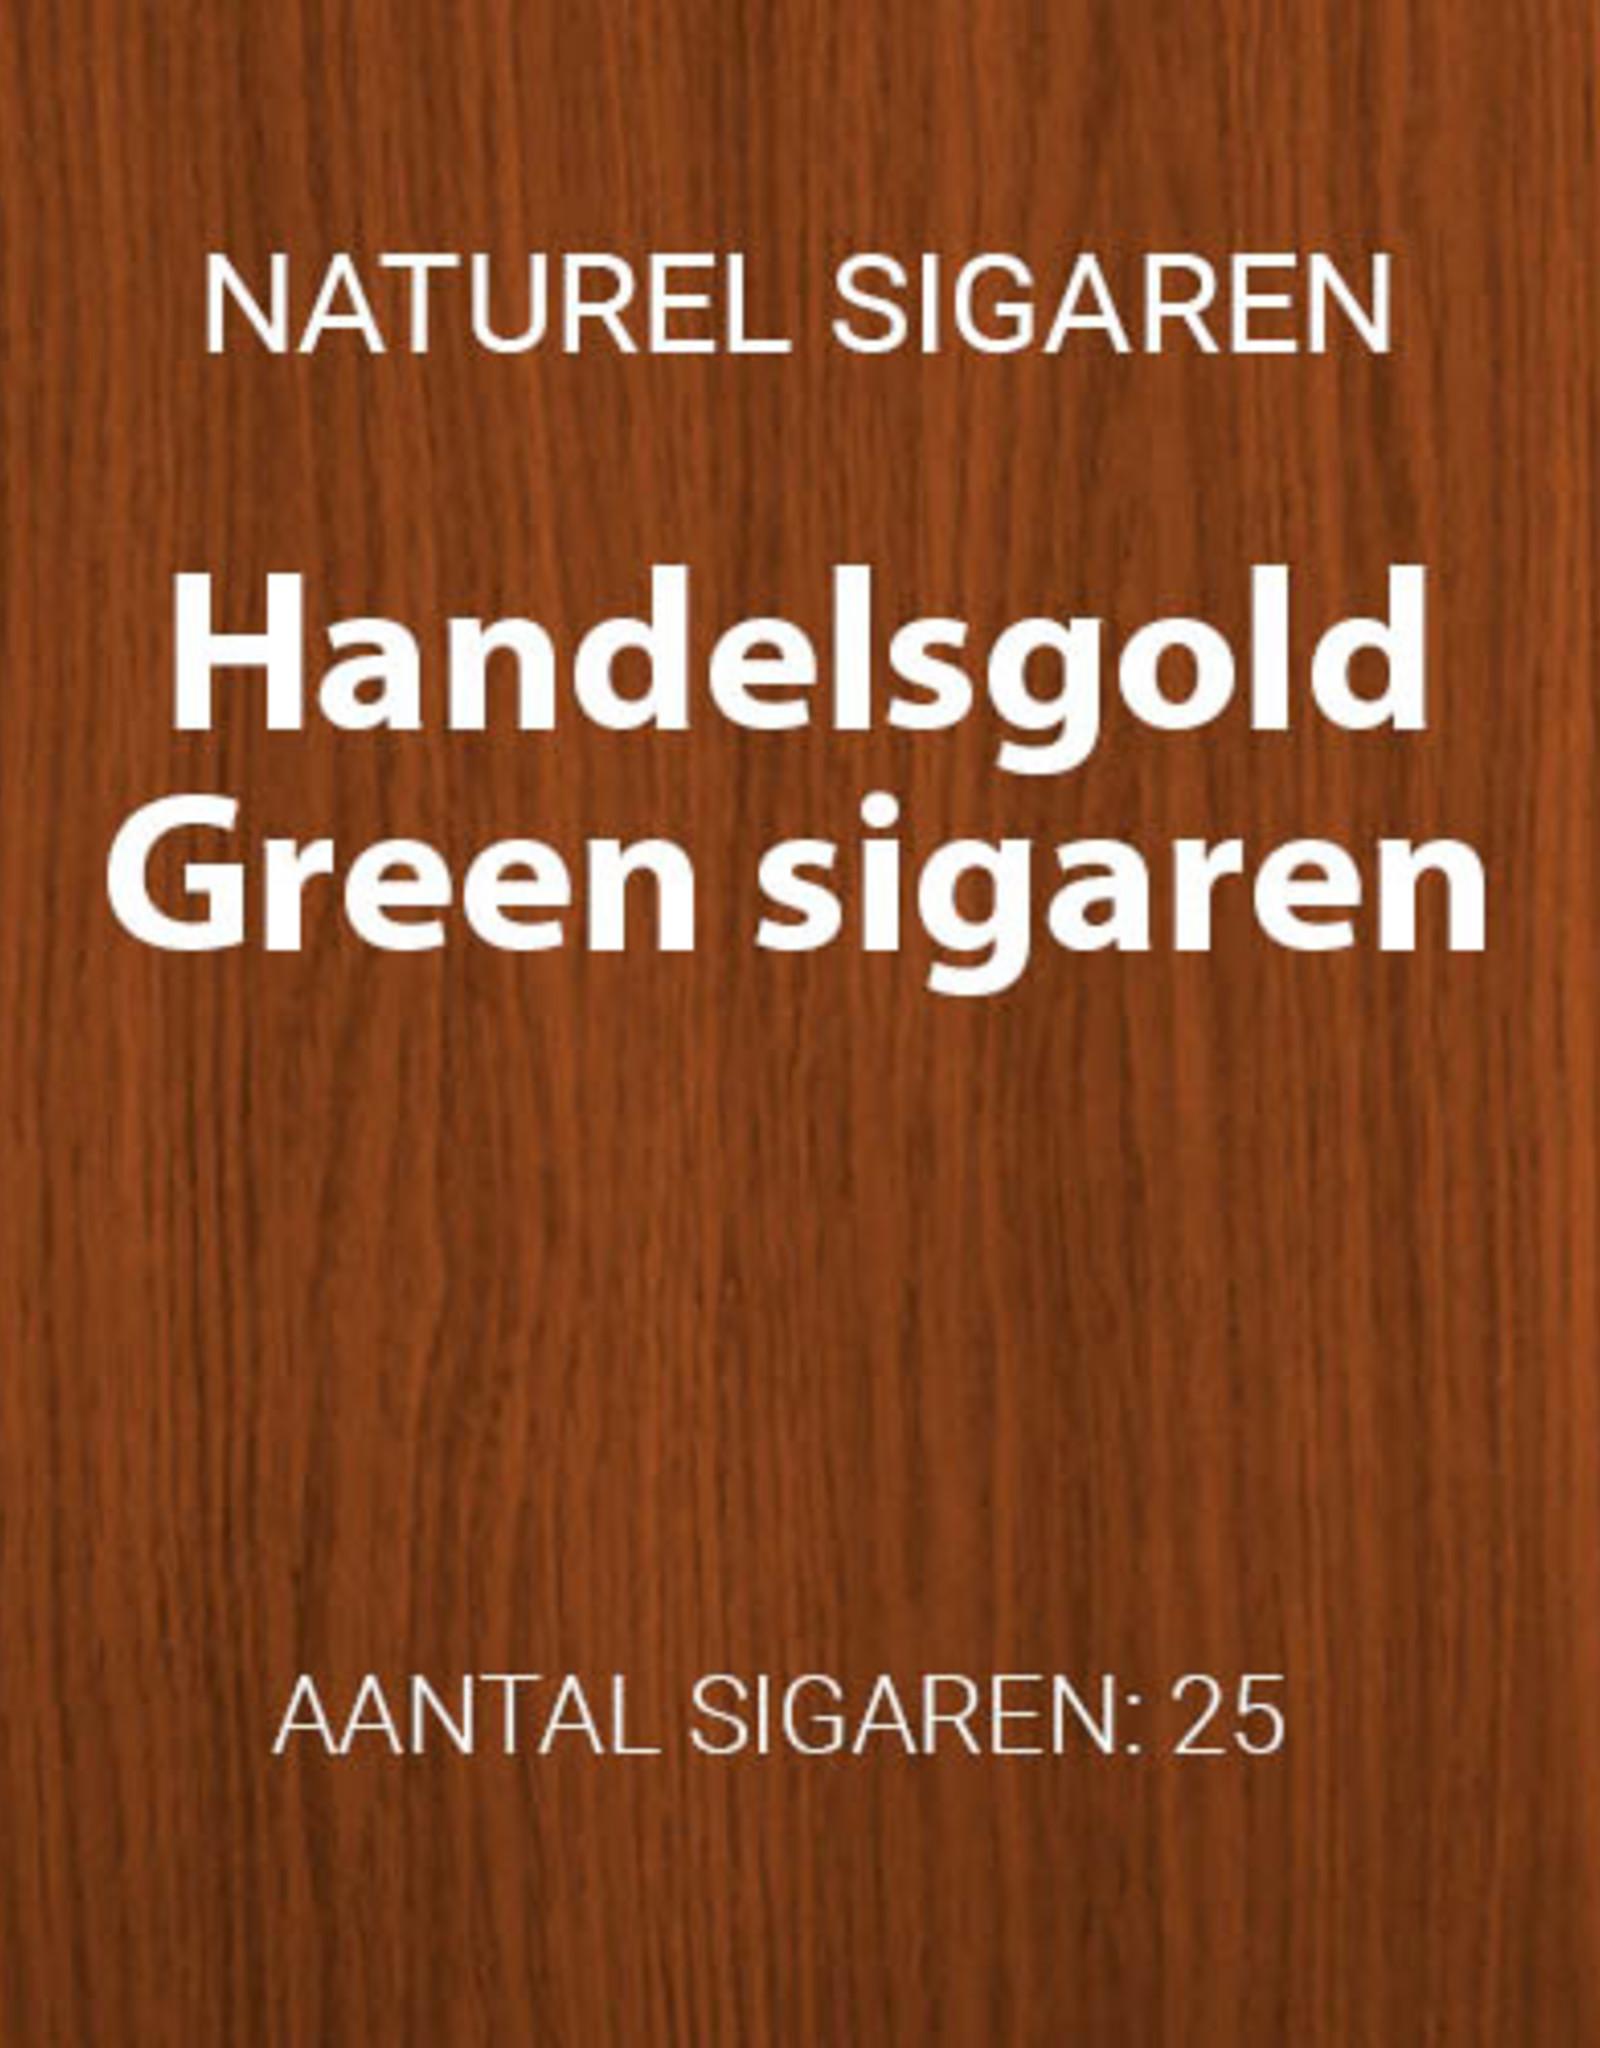 Handelsgold Green senorita's